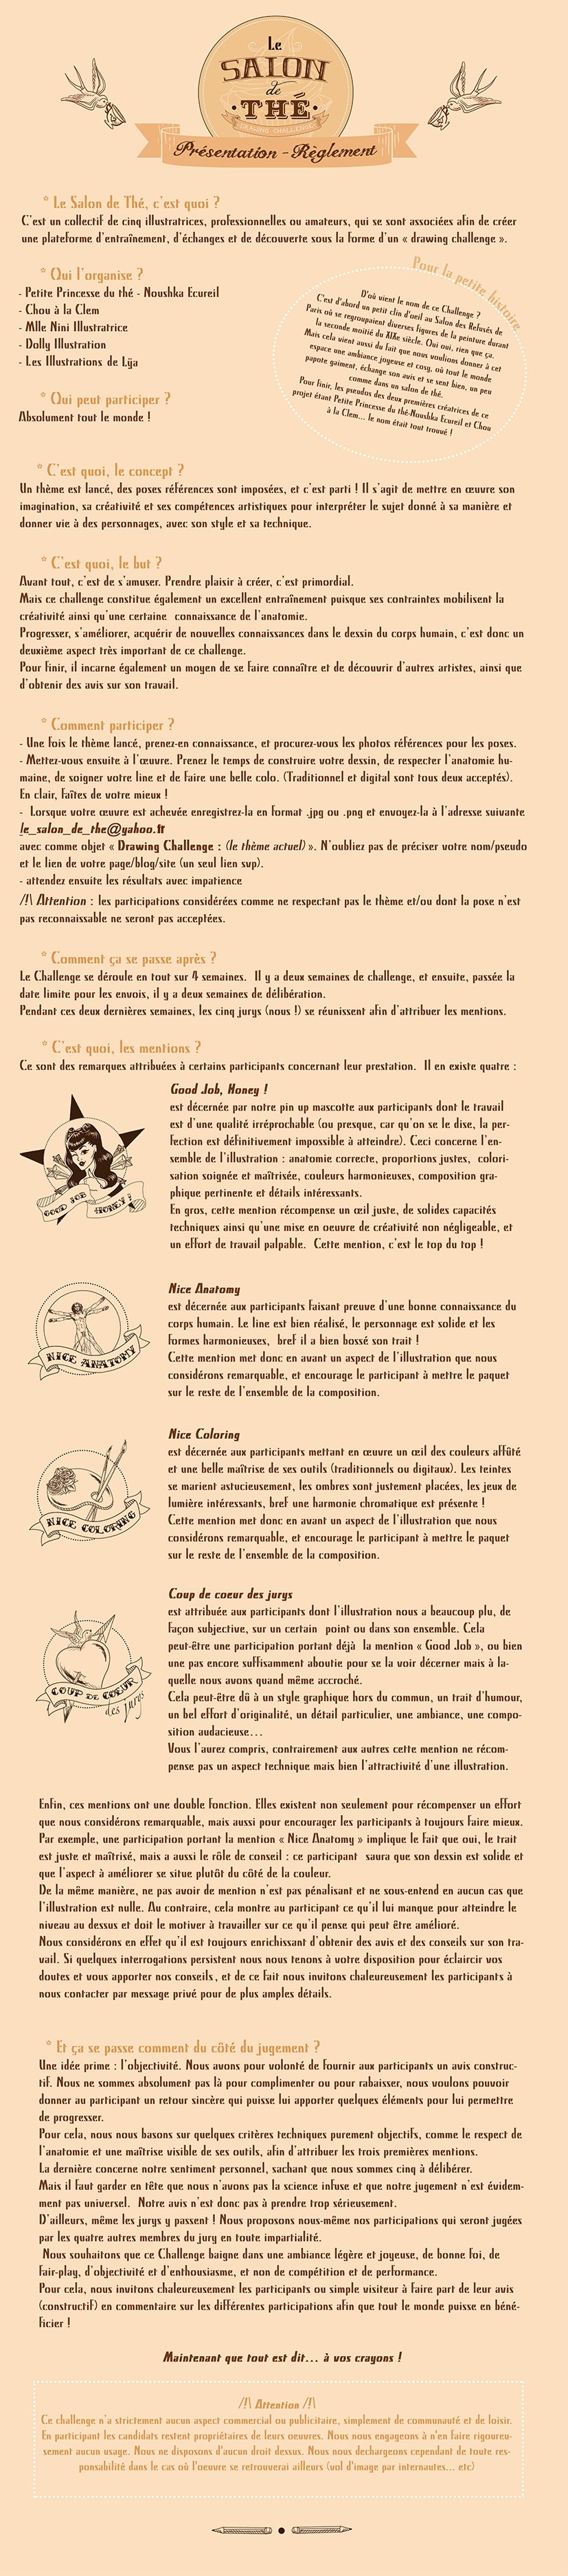 Les règles du Salon de Thé